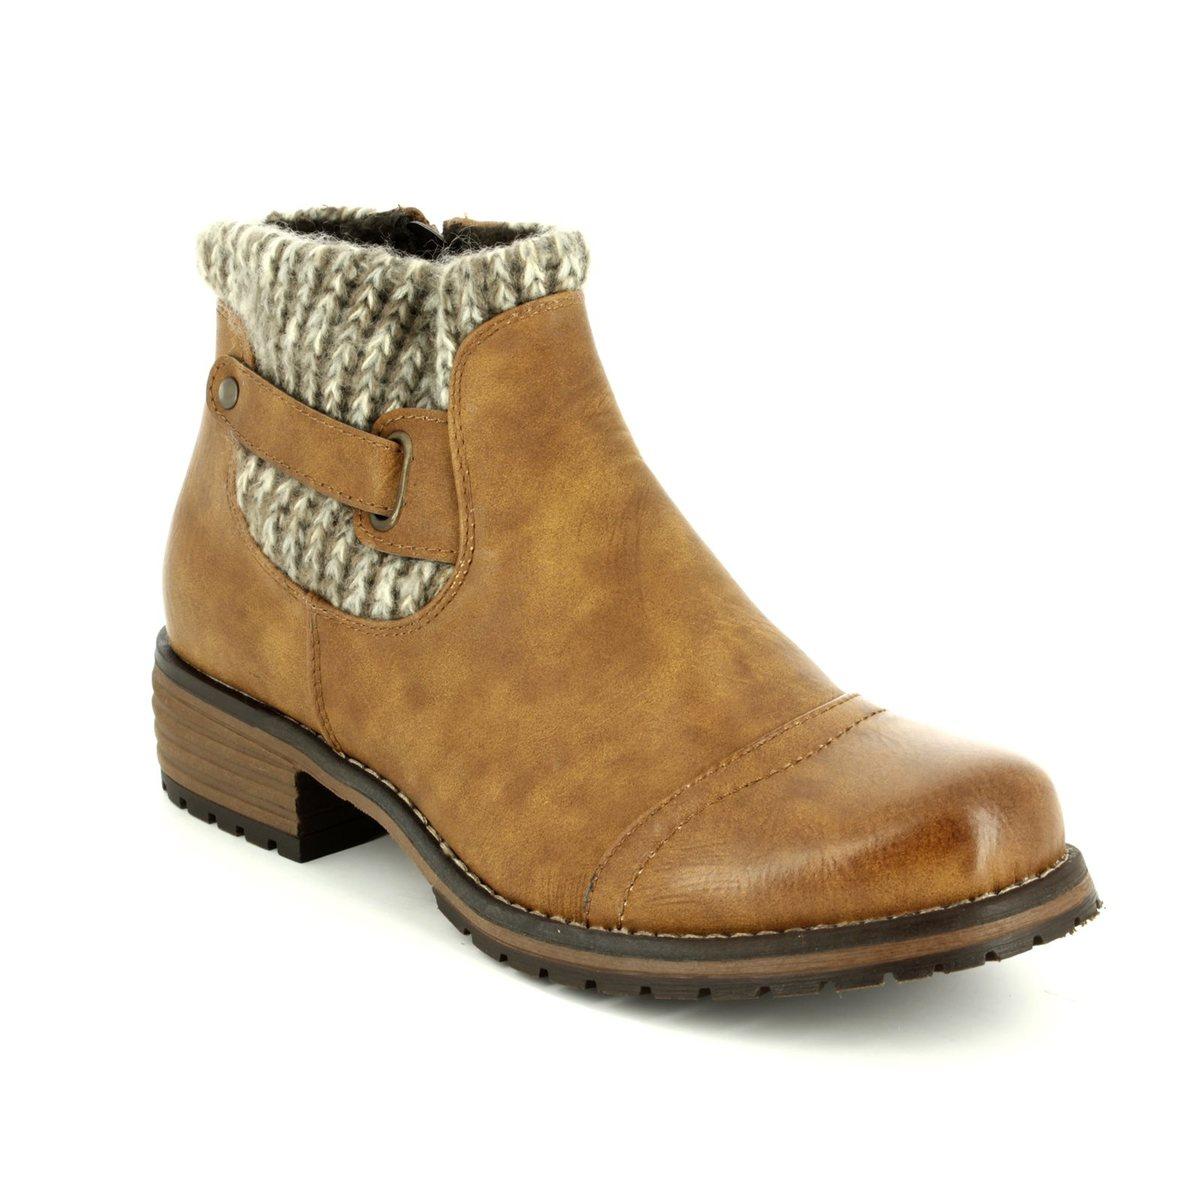 da5e6c50aec Lotus Ankle Boots - Tan - 40425 10 AYLA